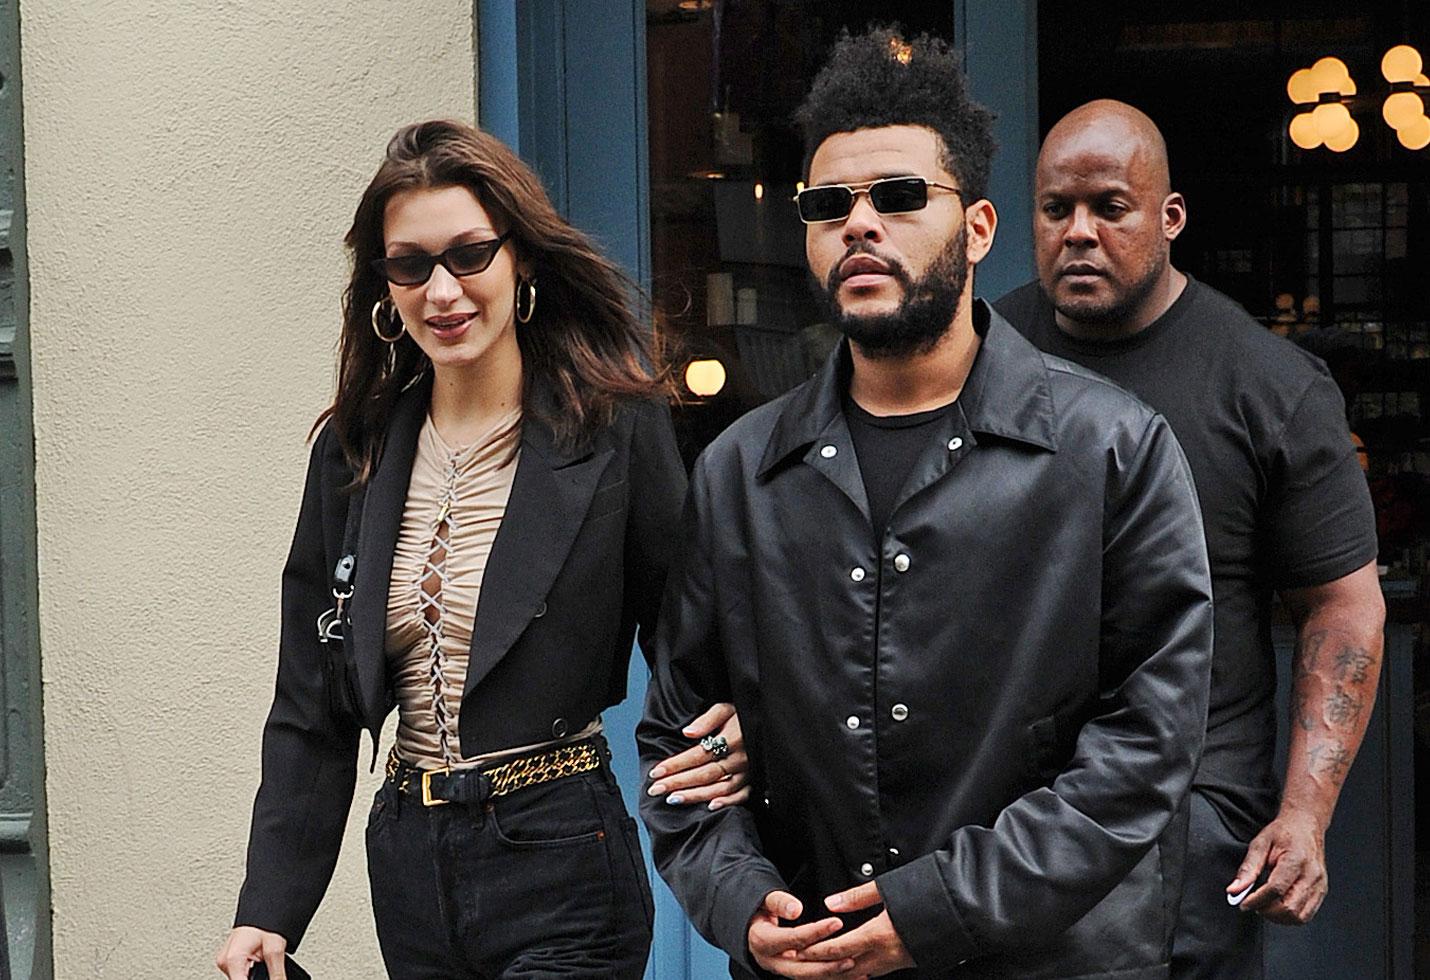 Bella Hadid Birthday The Weeknd PDA Love Hand Holding NYC